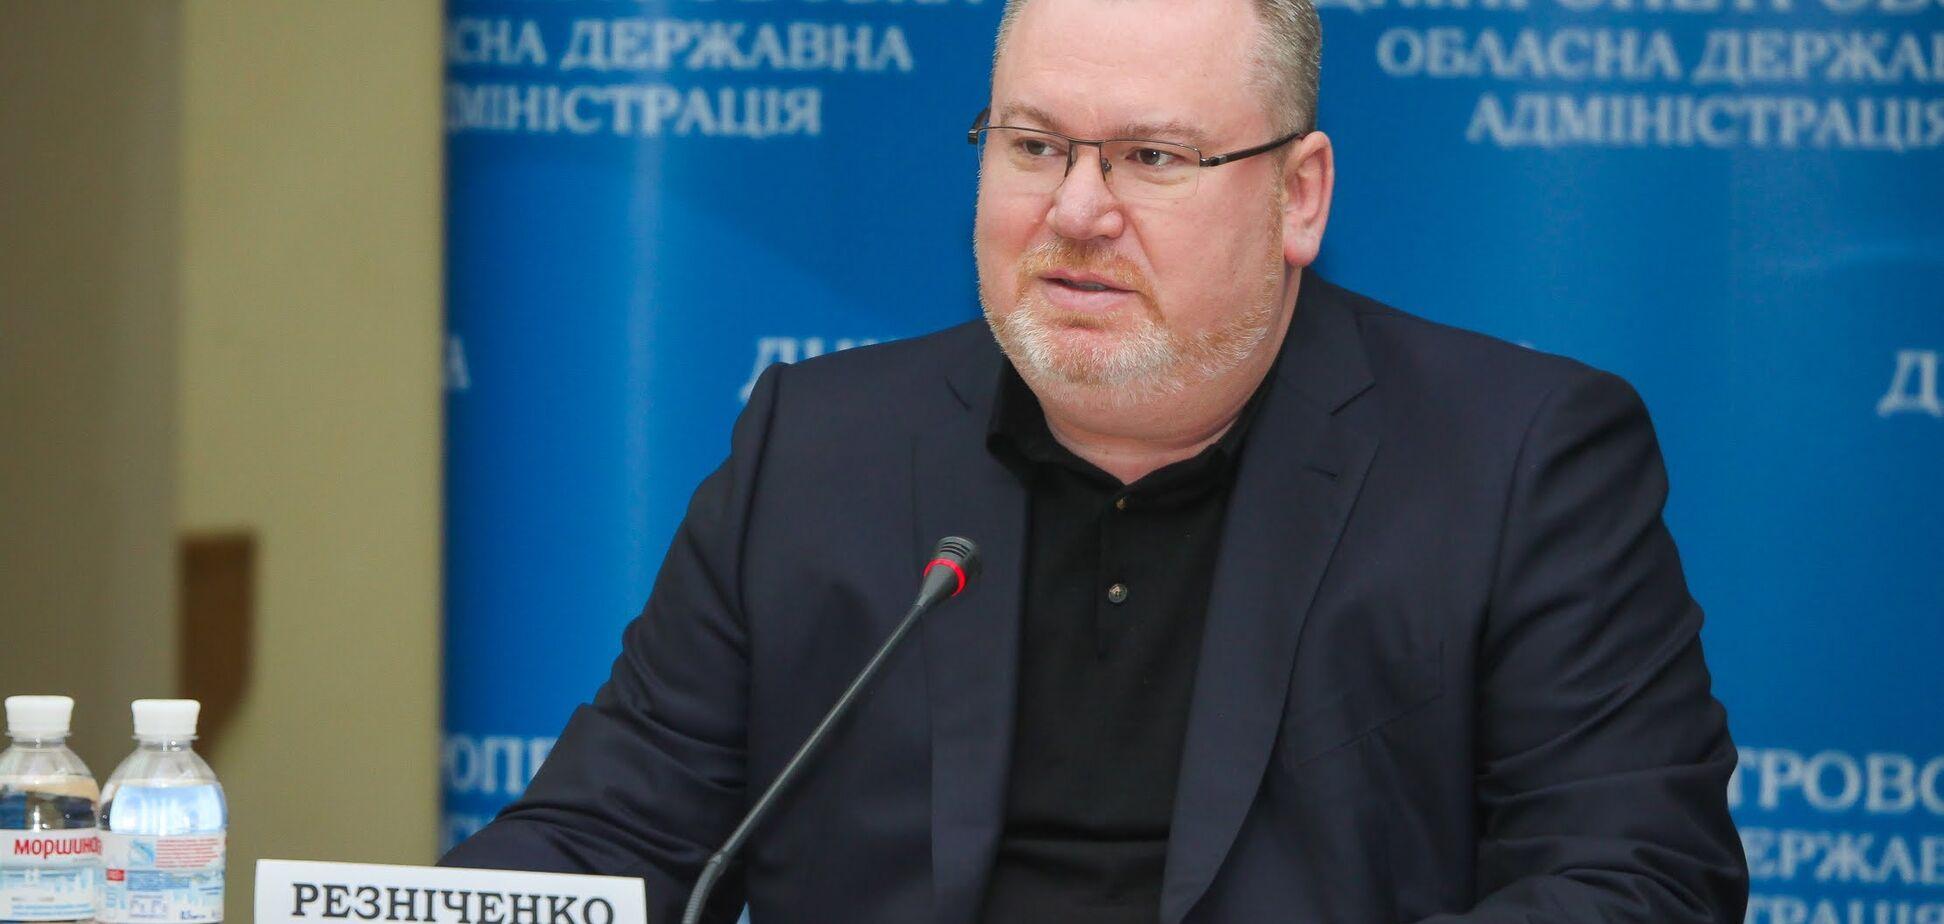 Резніченко: Дніпропетровщина вибилася у лідери по освітньому простору в опорних школах